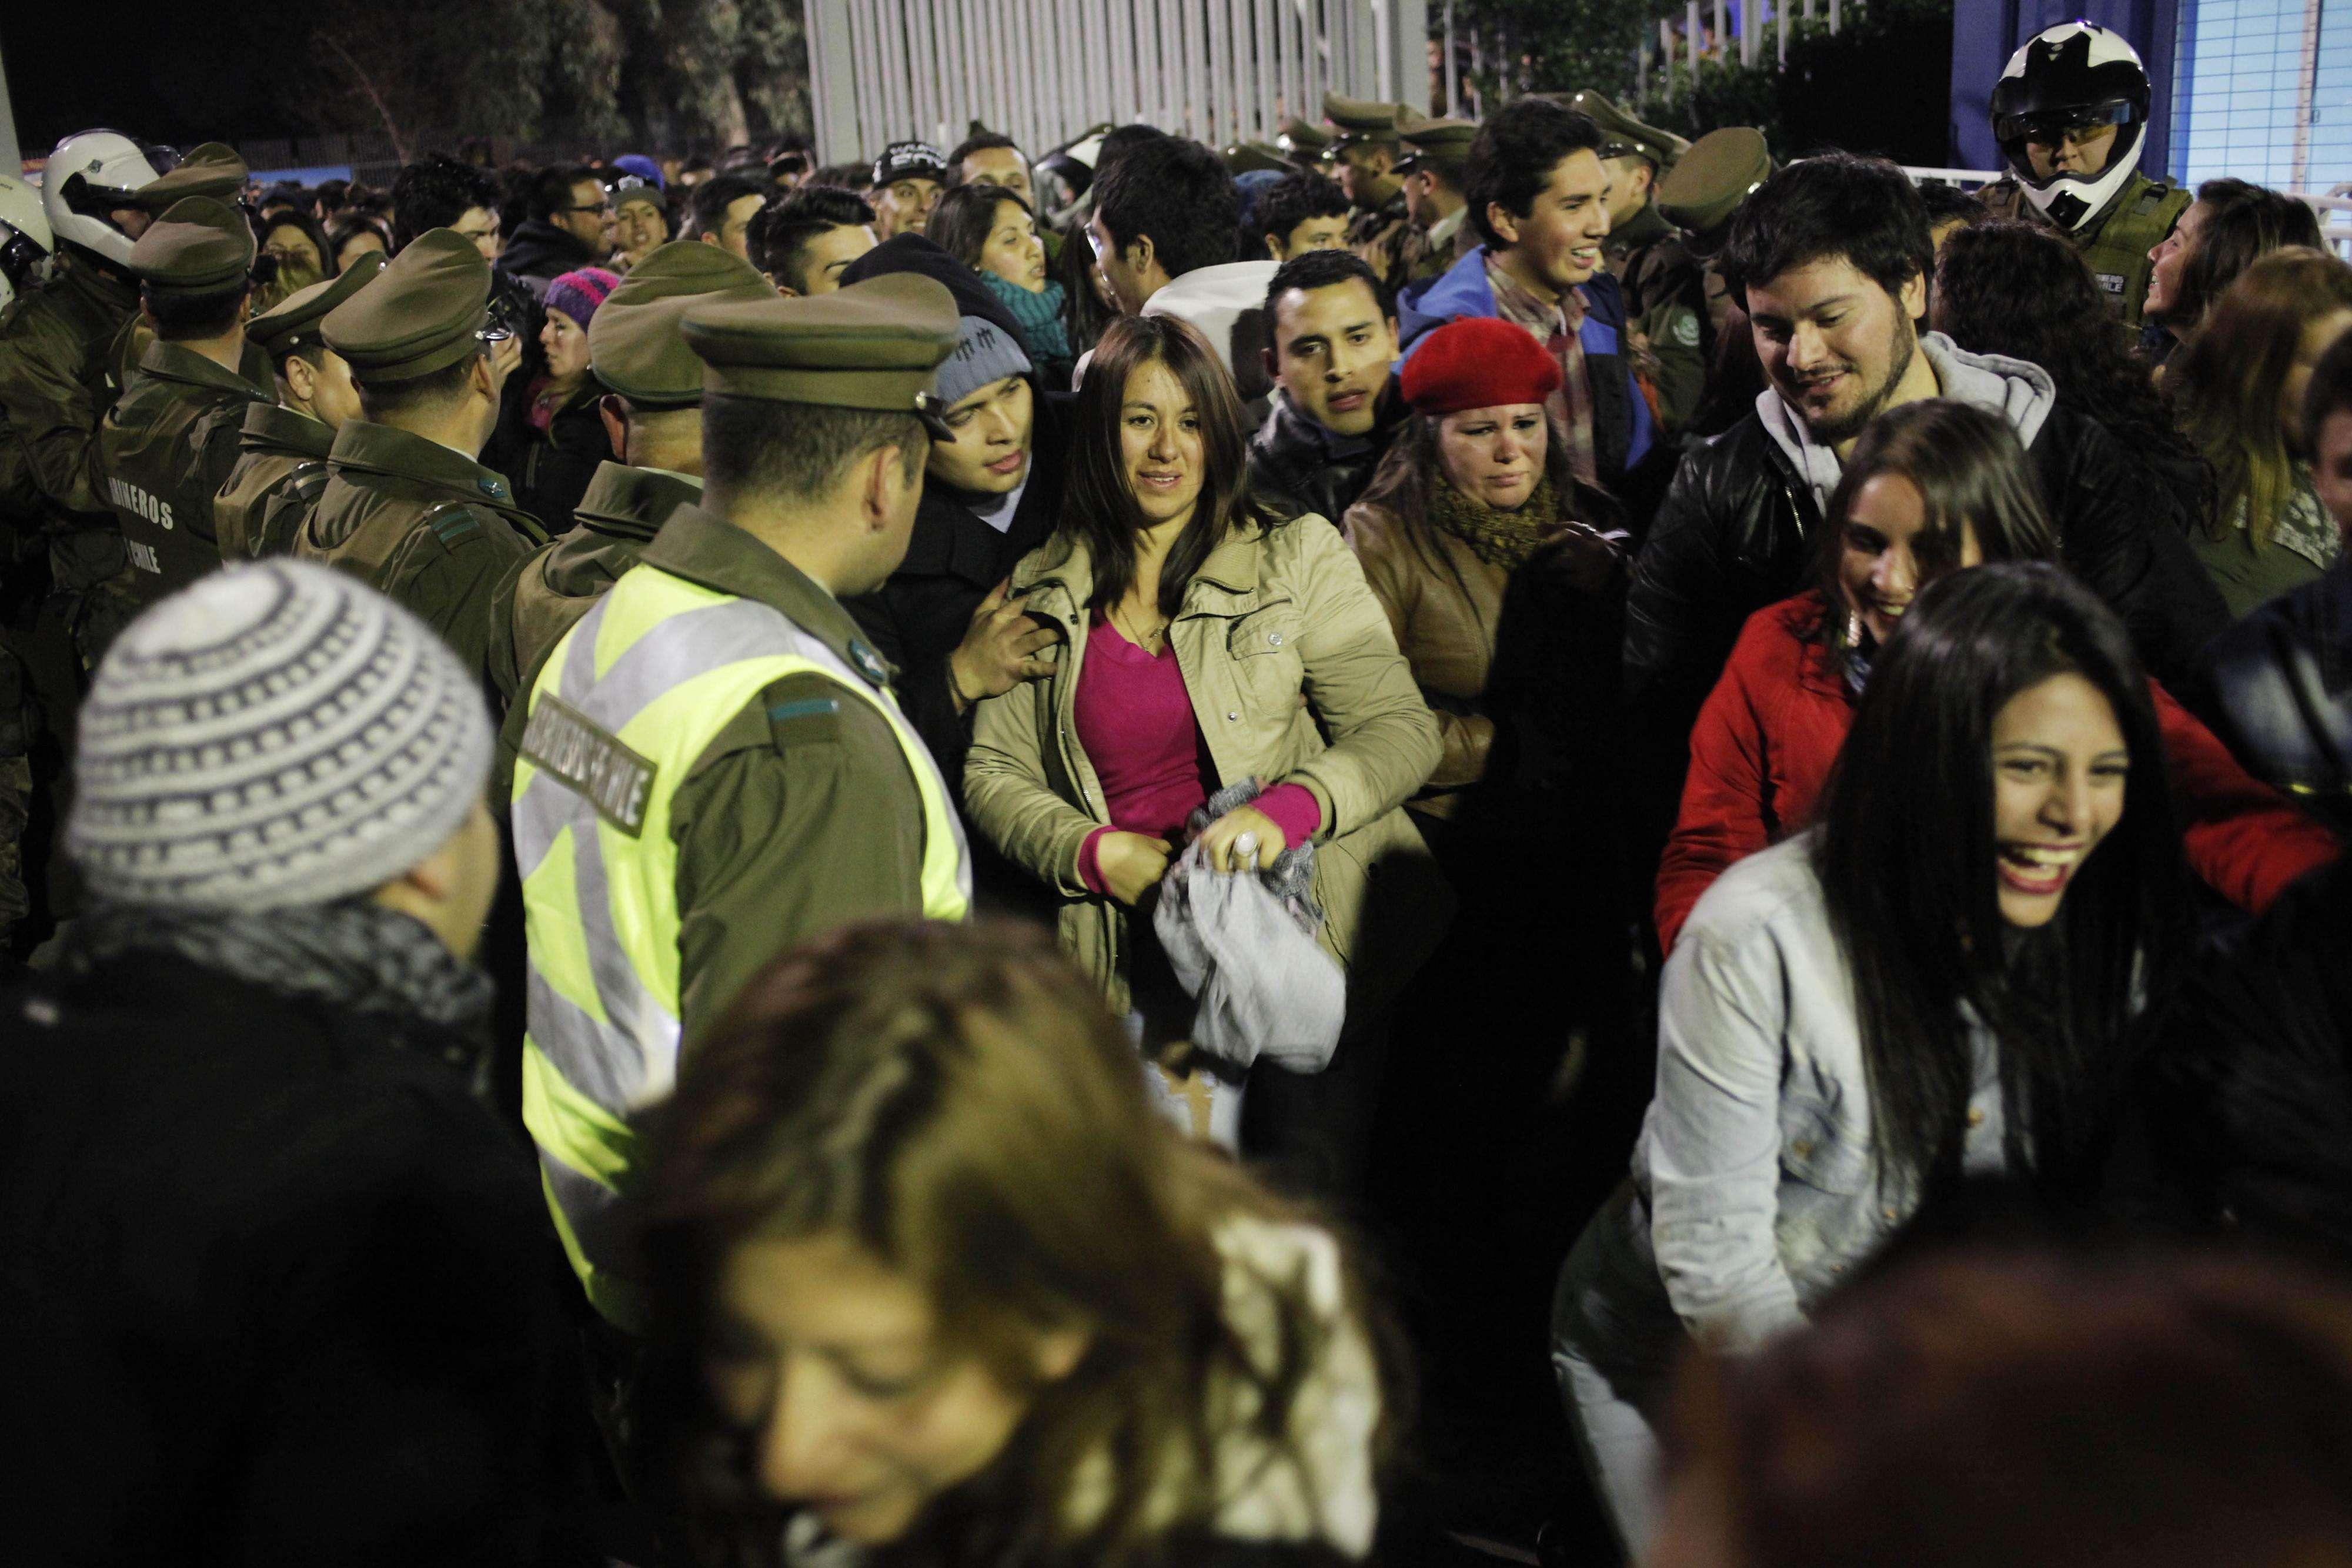 Situaciones de caos se vivieron en las puertas de la fonda en el Parque O´Higgins por la gran congestión de personas que intentaron ingresar a la fiesta que fue inaugurada por la presidenta Michelle Bachelet Foto: Agencia UNO